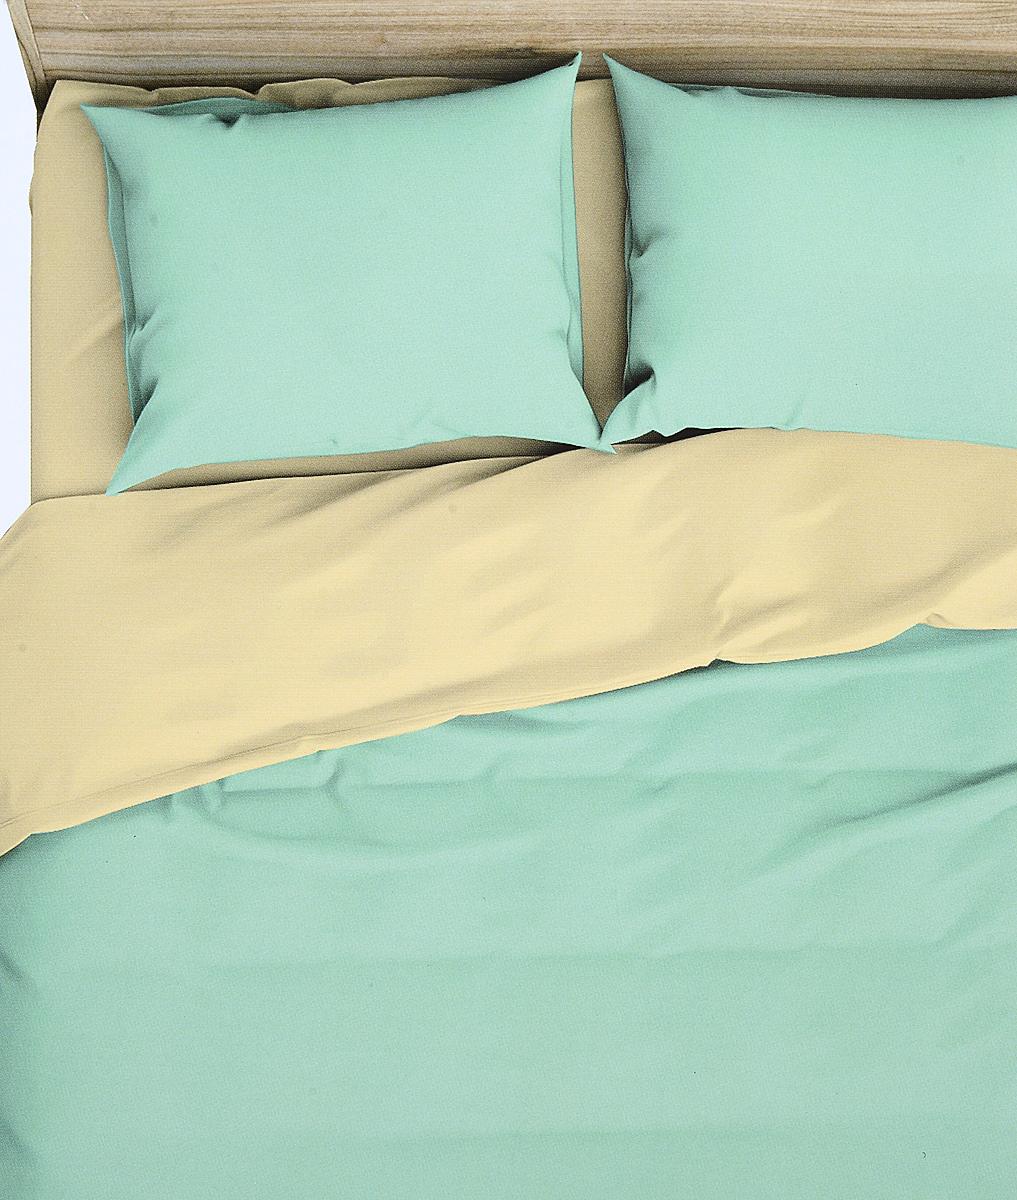 цена на Комплект белья Василиса Мохито, 2-спальный, наволочки 70x70, цвет: зеленый. 368/1